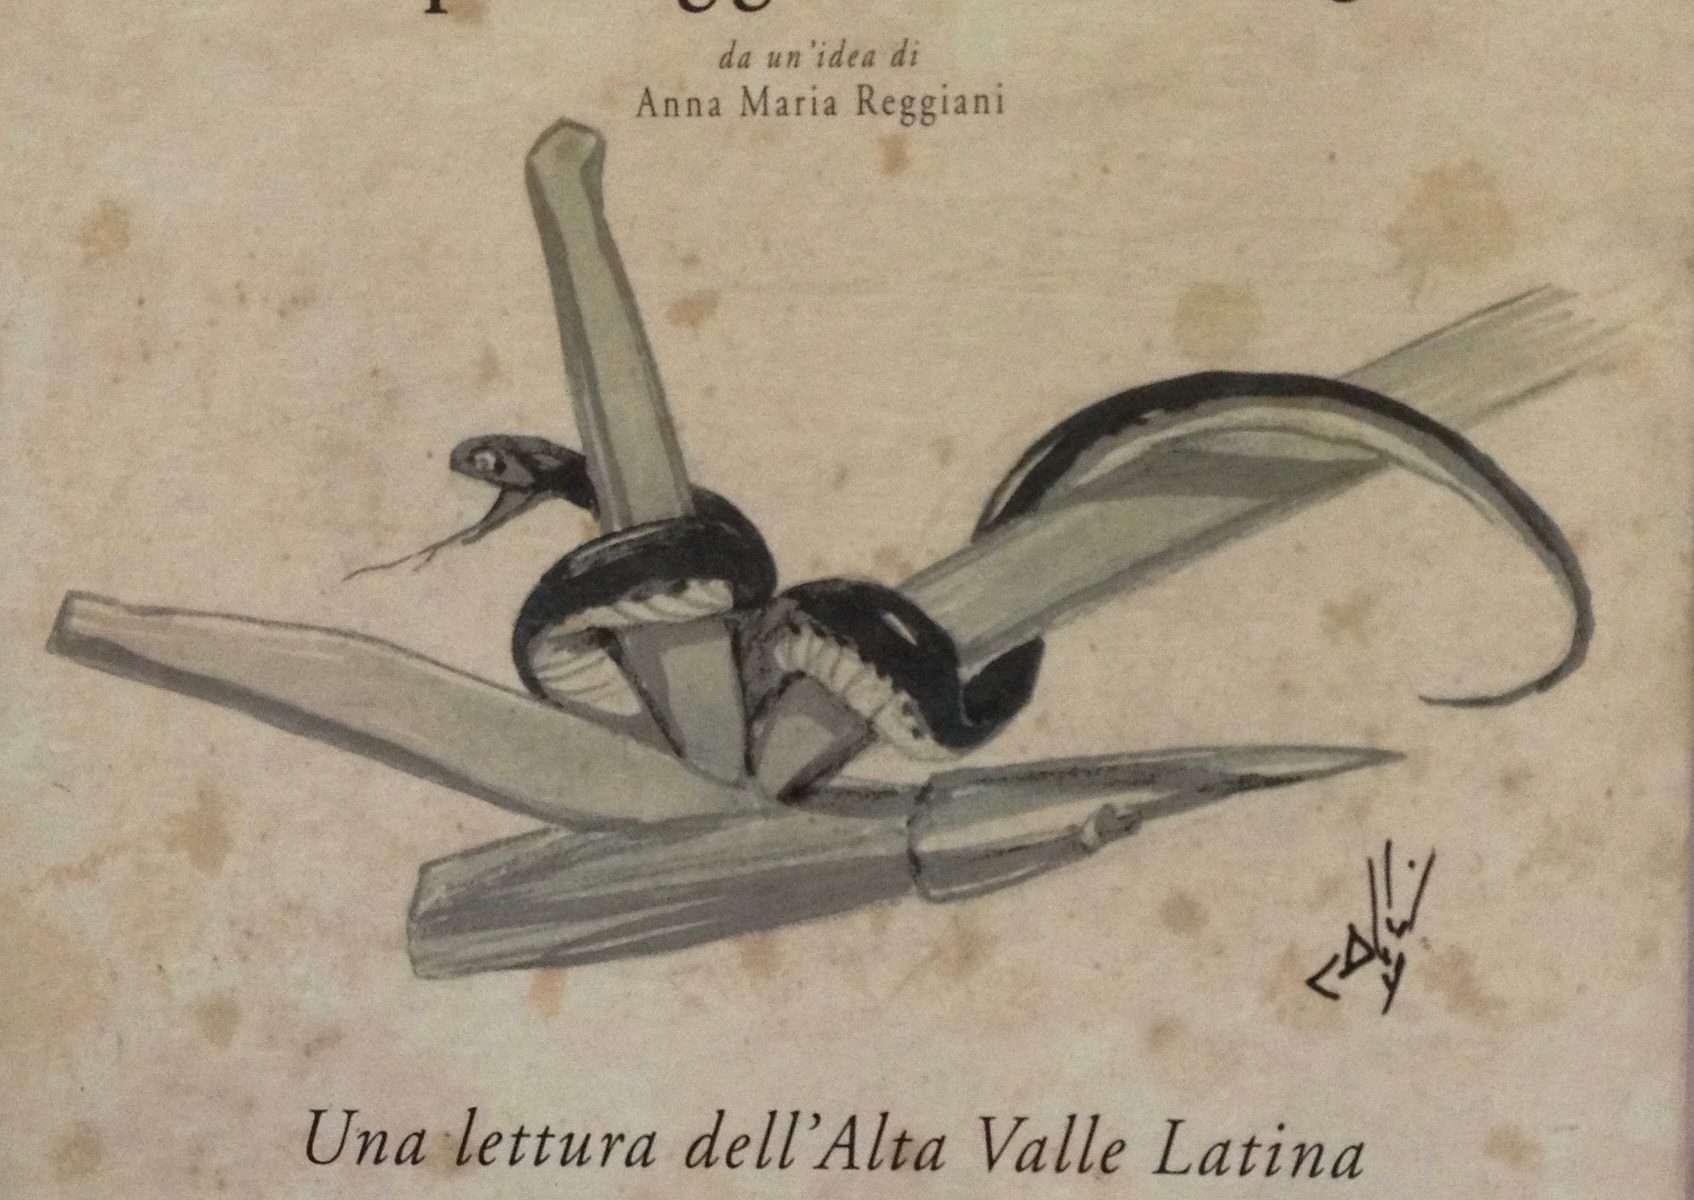 ELEMENTI MINORI DI UN PAESAGGIO ARCHEOLOGICO<BR/>  Anna Maria Reggiani